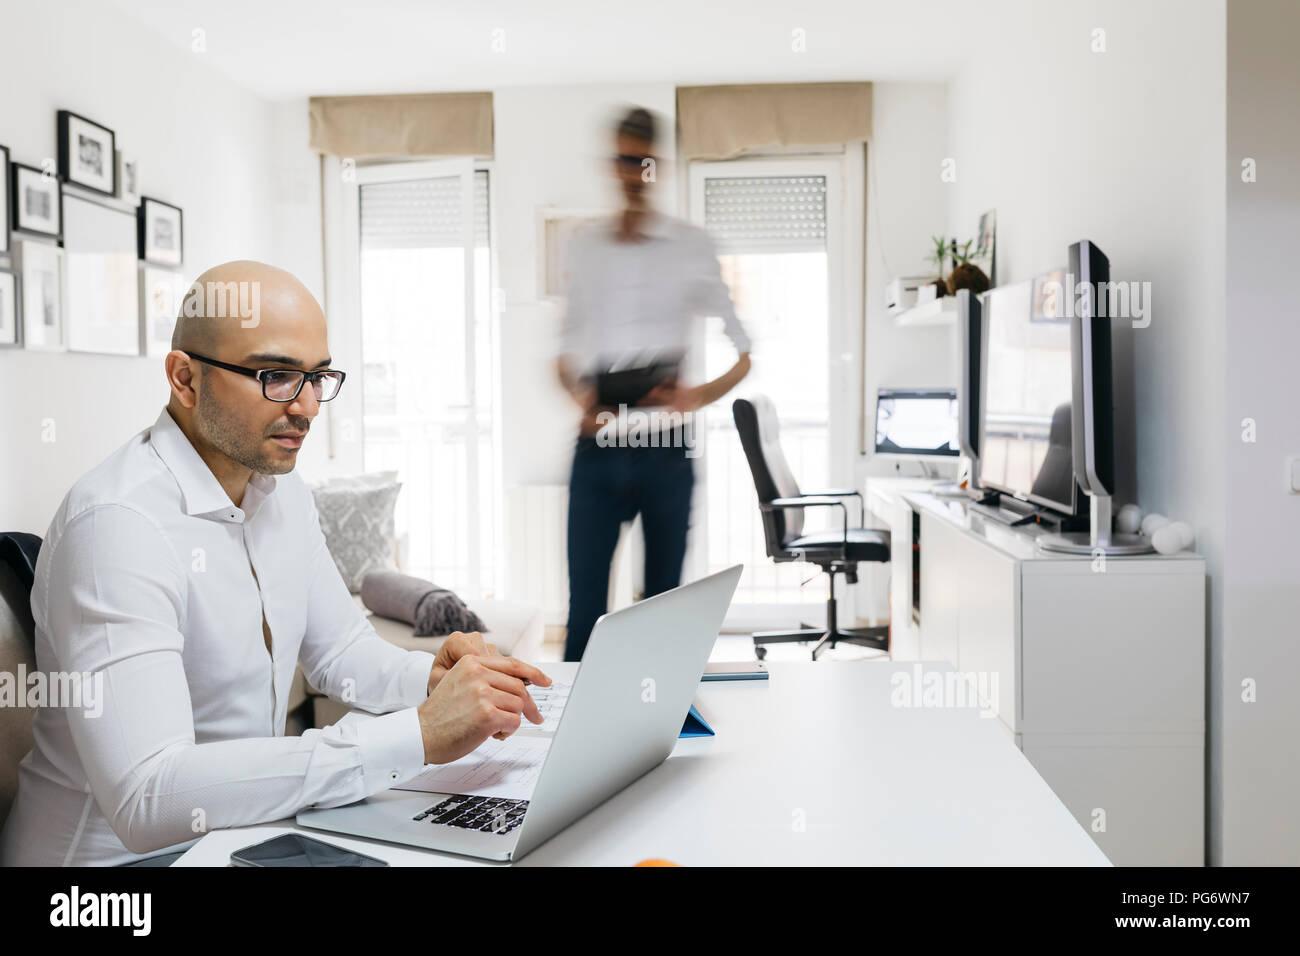 Mann mit Laptop im Home Office mit Kollege bewegte Vergangenheit Stockbild